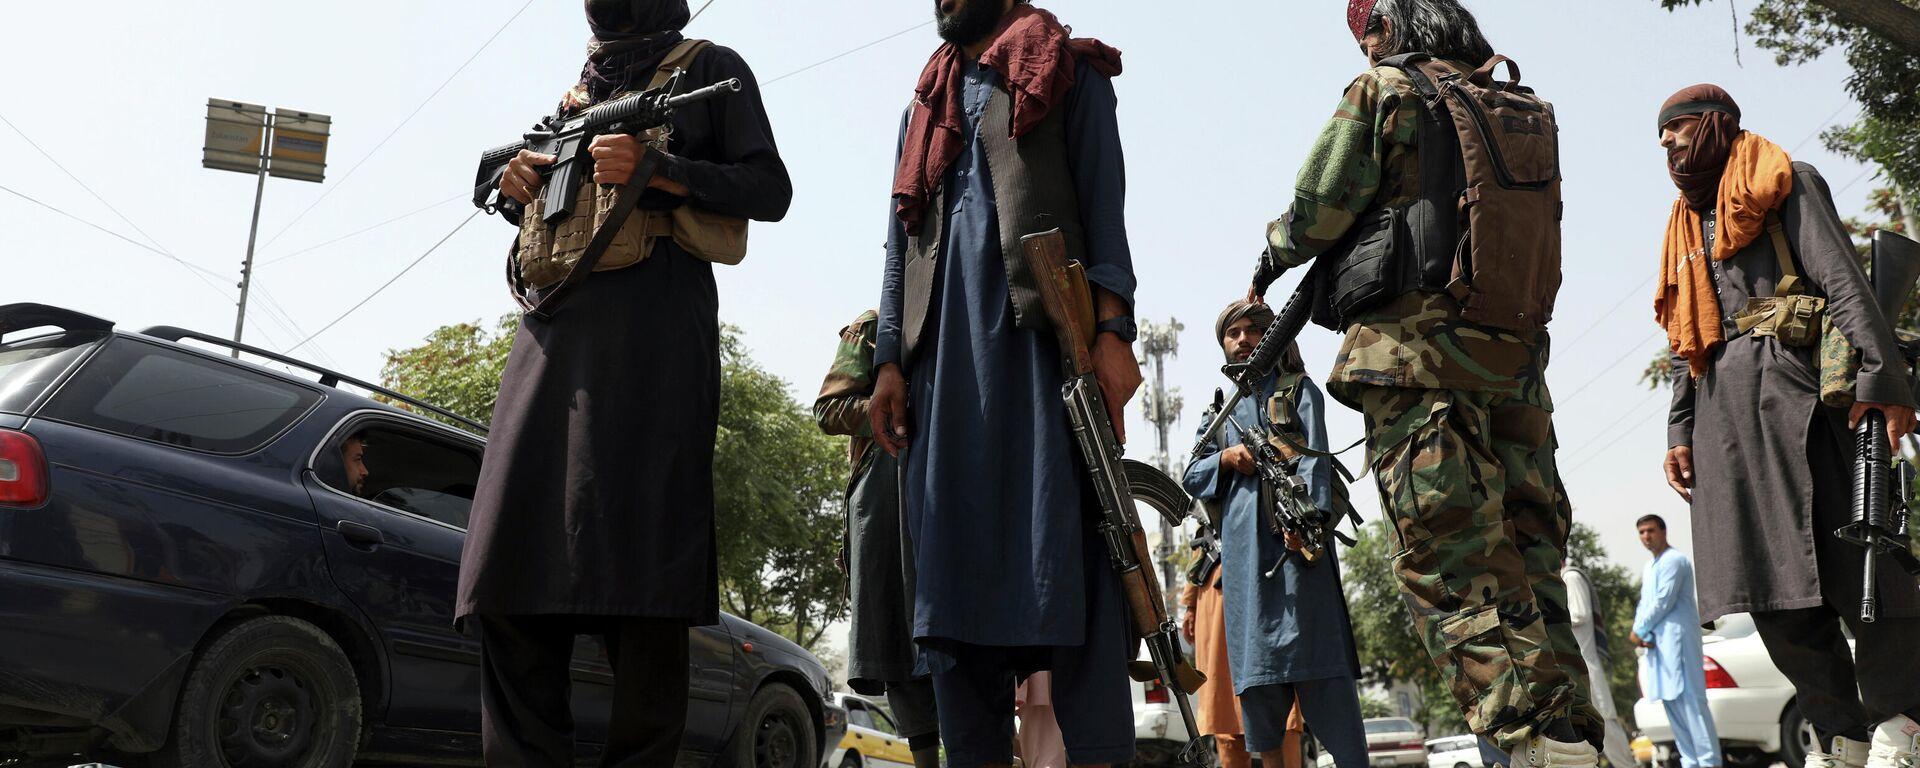 Боевики Талибана патрулируют район Вазир Акбар Хан в городе Кабул, Афганистан - Sputnik Таджикистан, 1920, 26.08.2021